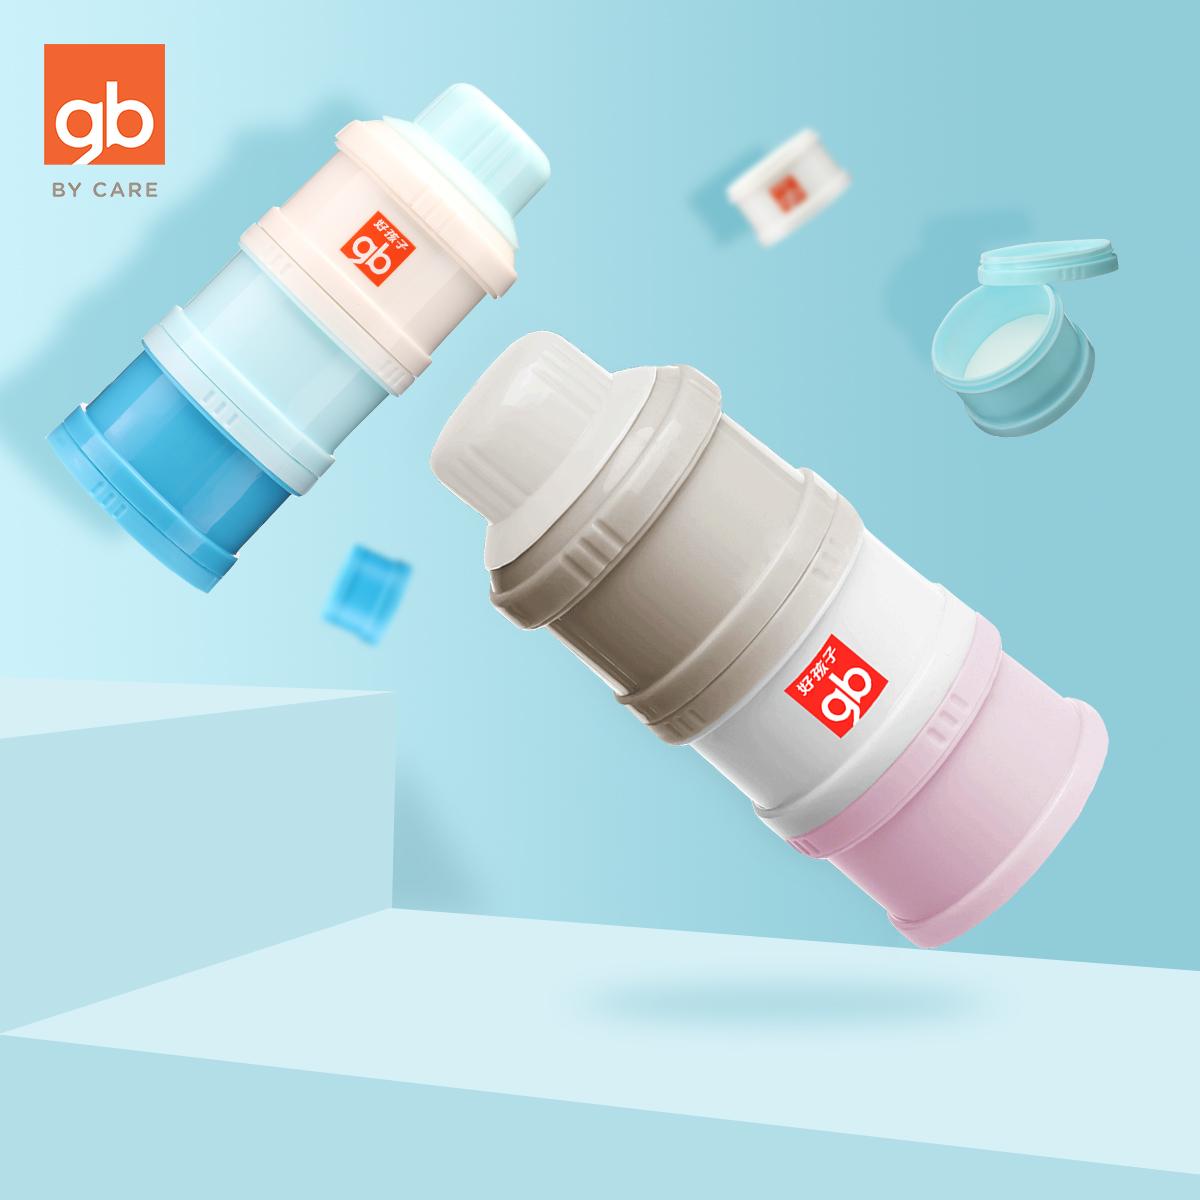 Gb хорошо дети три сухое молоко бак портативный из влагостойкий печать бак сухое молоко big box мощность сухое молоко сетка филиал коробка